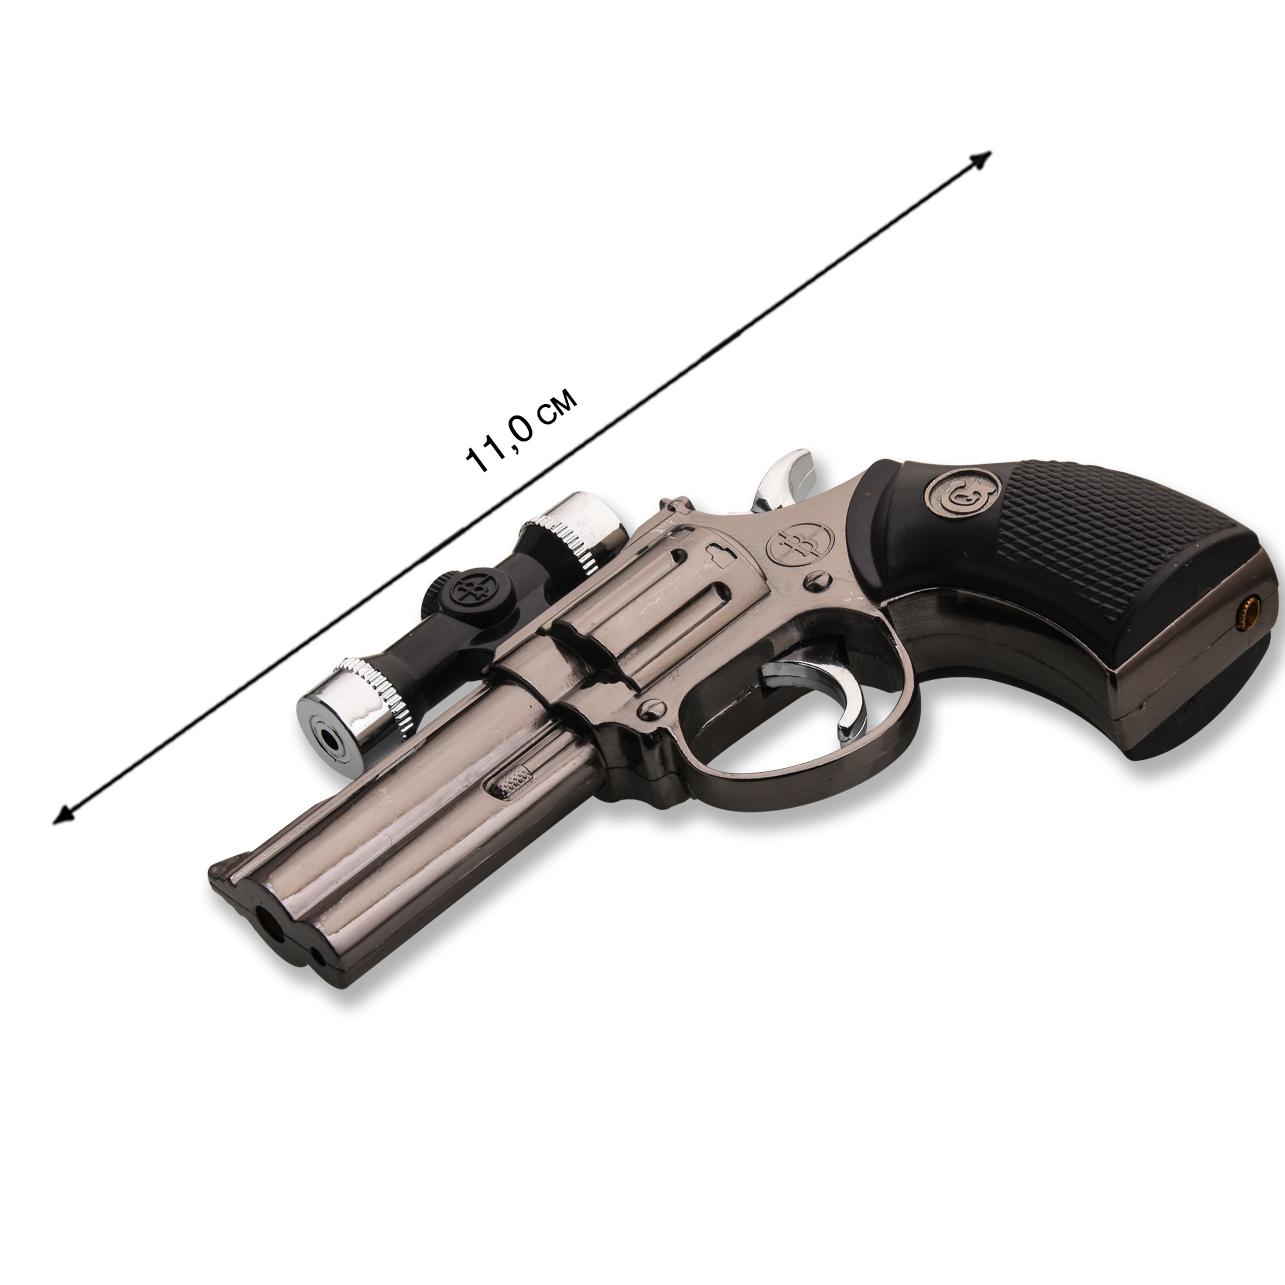 Сувенирный револьвер зажигалка с доставкой